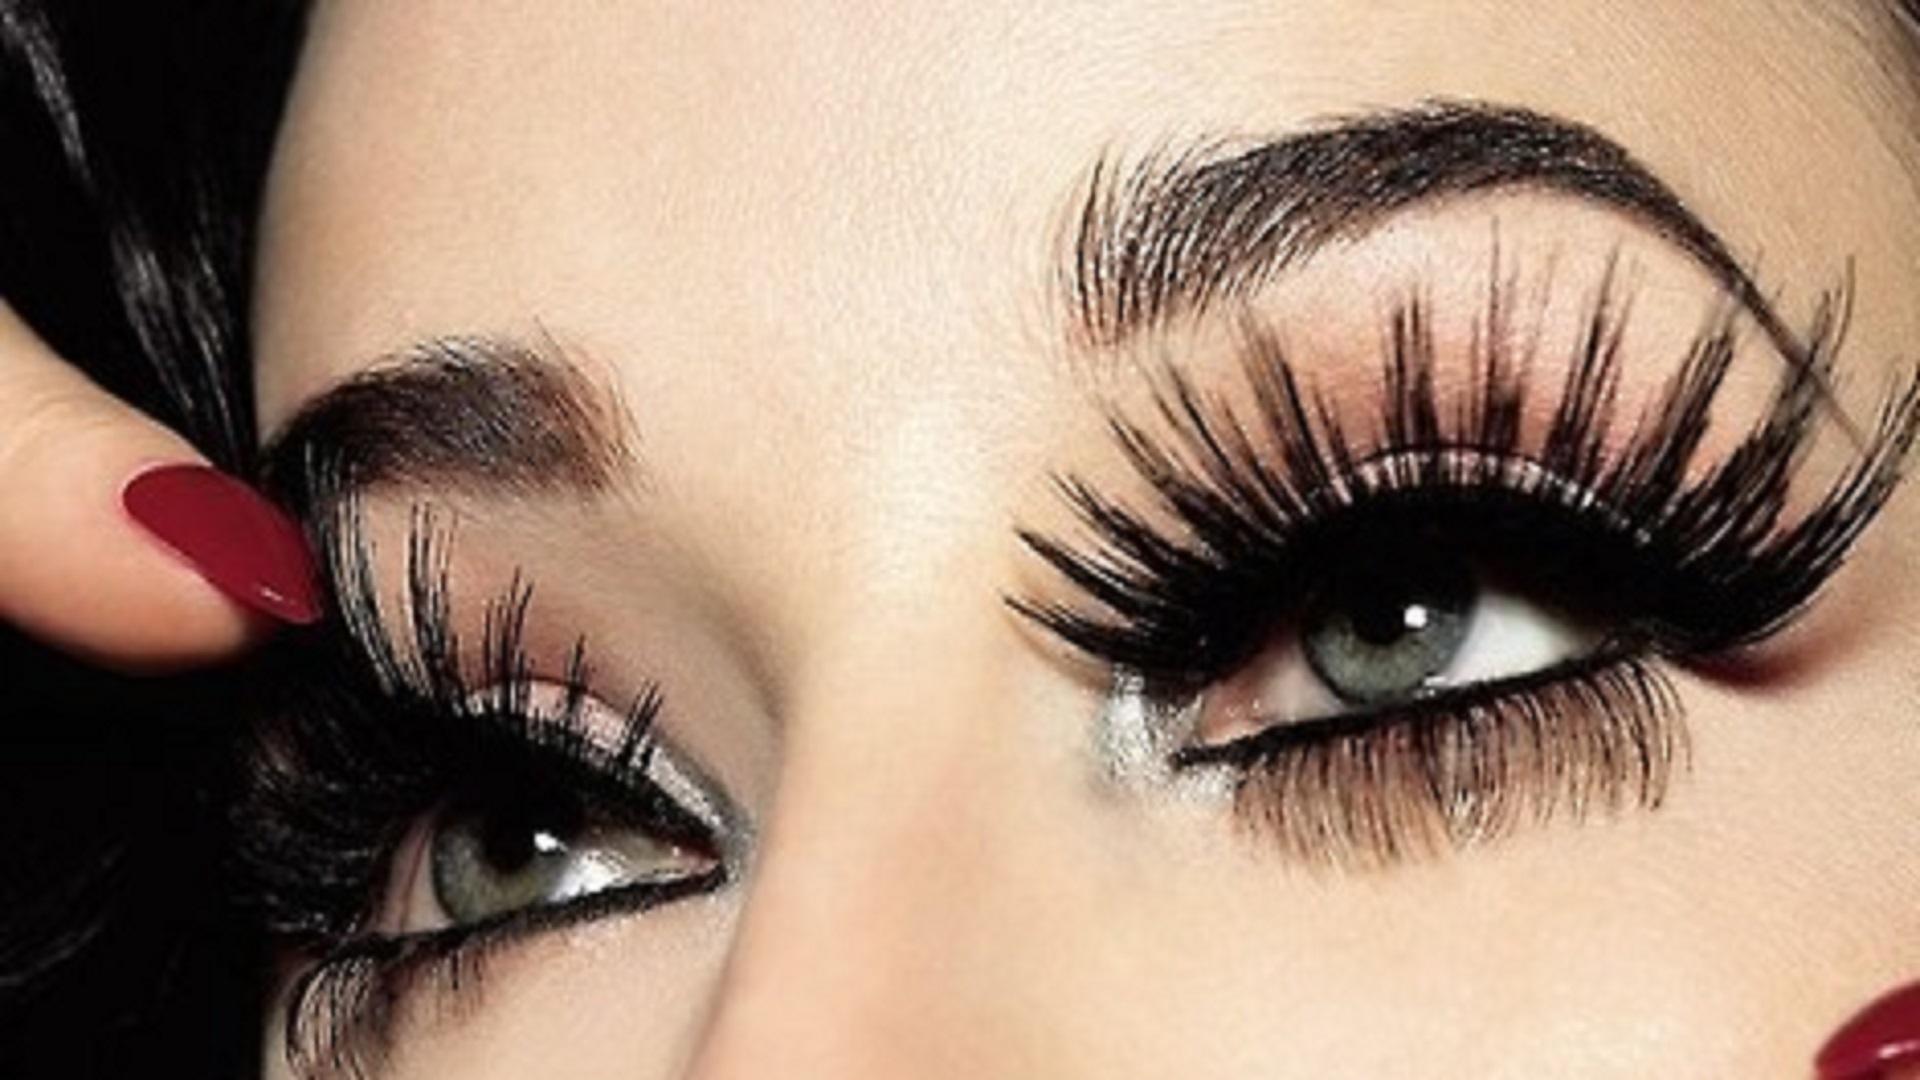 Fake Eyelashes On Girls - 1920x1080 ...